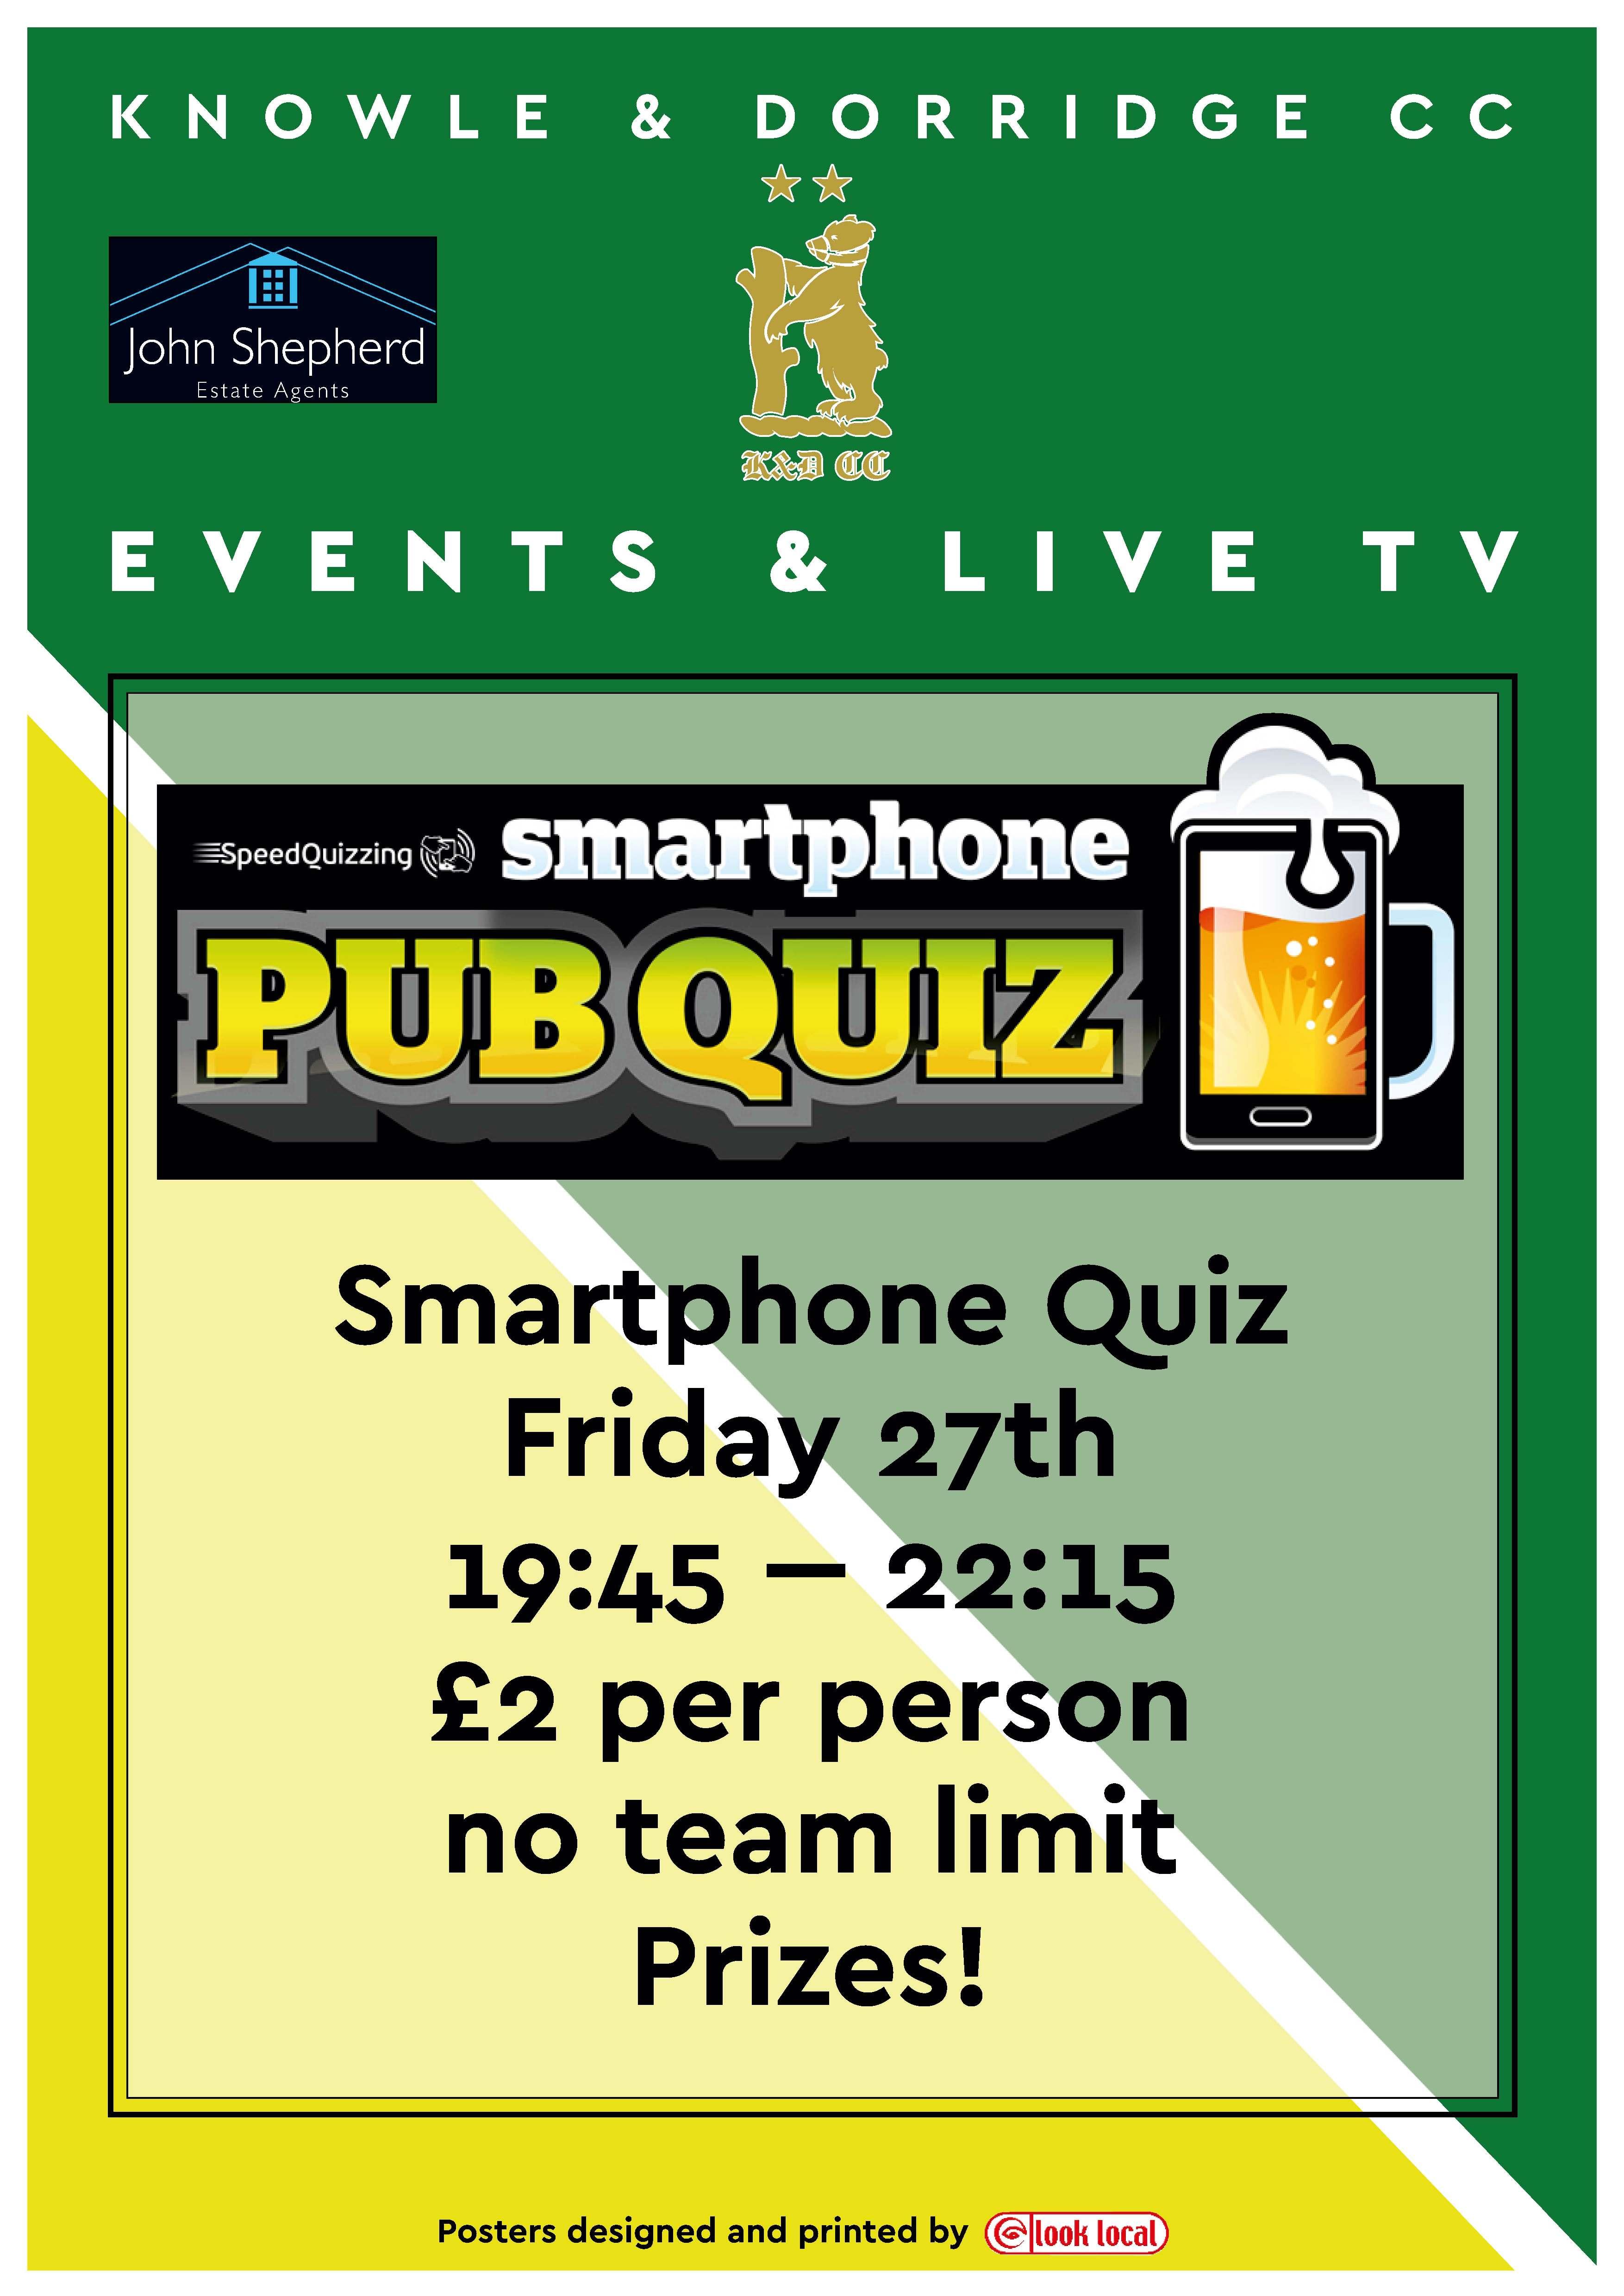 Smartphone Quiz - Knowle & Dorridge Cricket Club